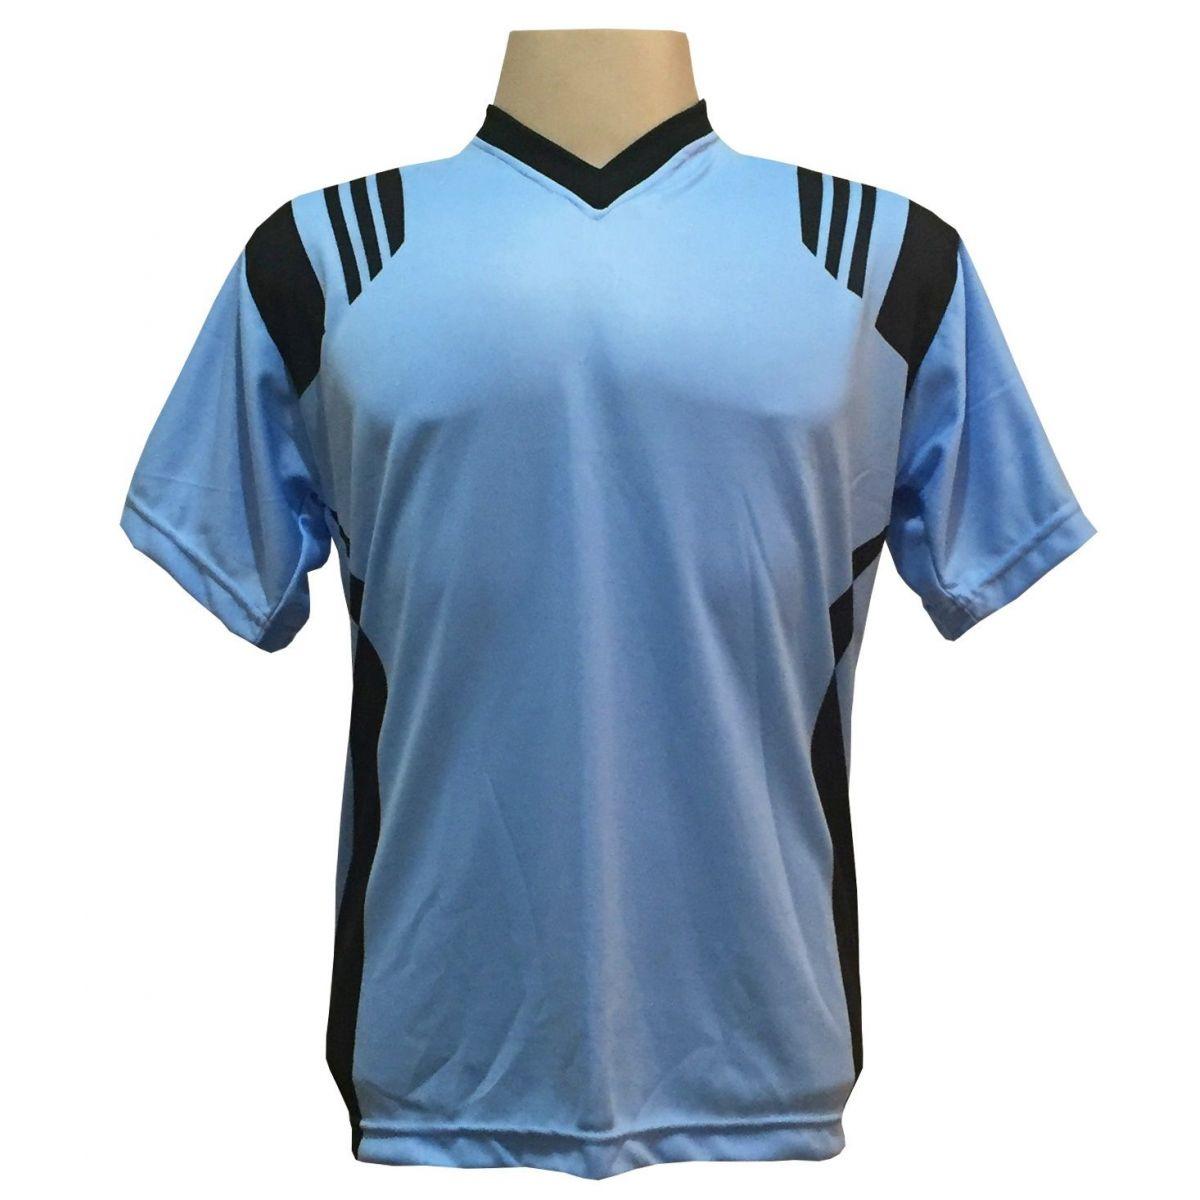 Jogo de Camisa com 12 unidades modelo Roma Celeste/Preto